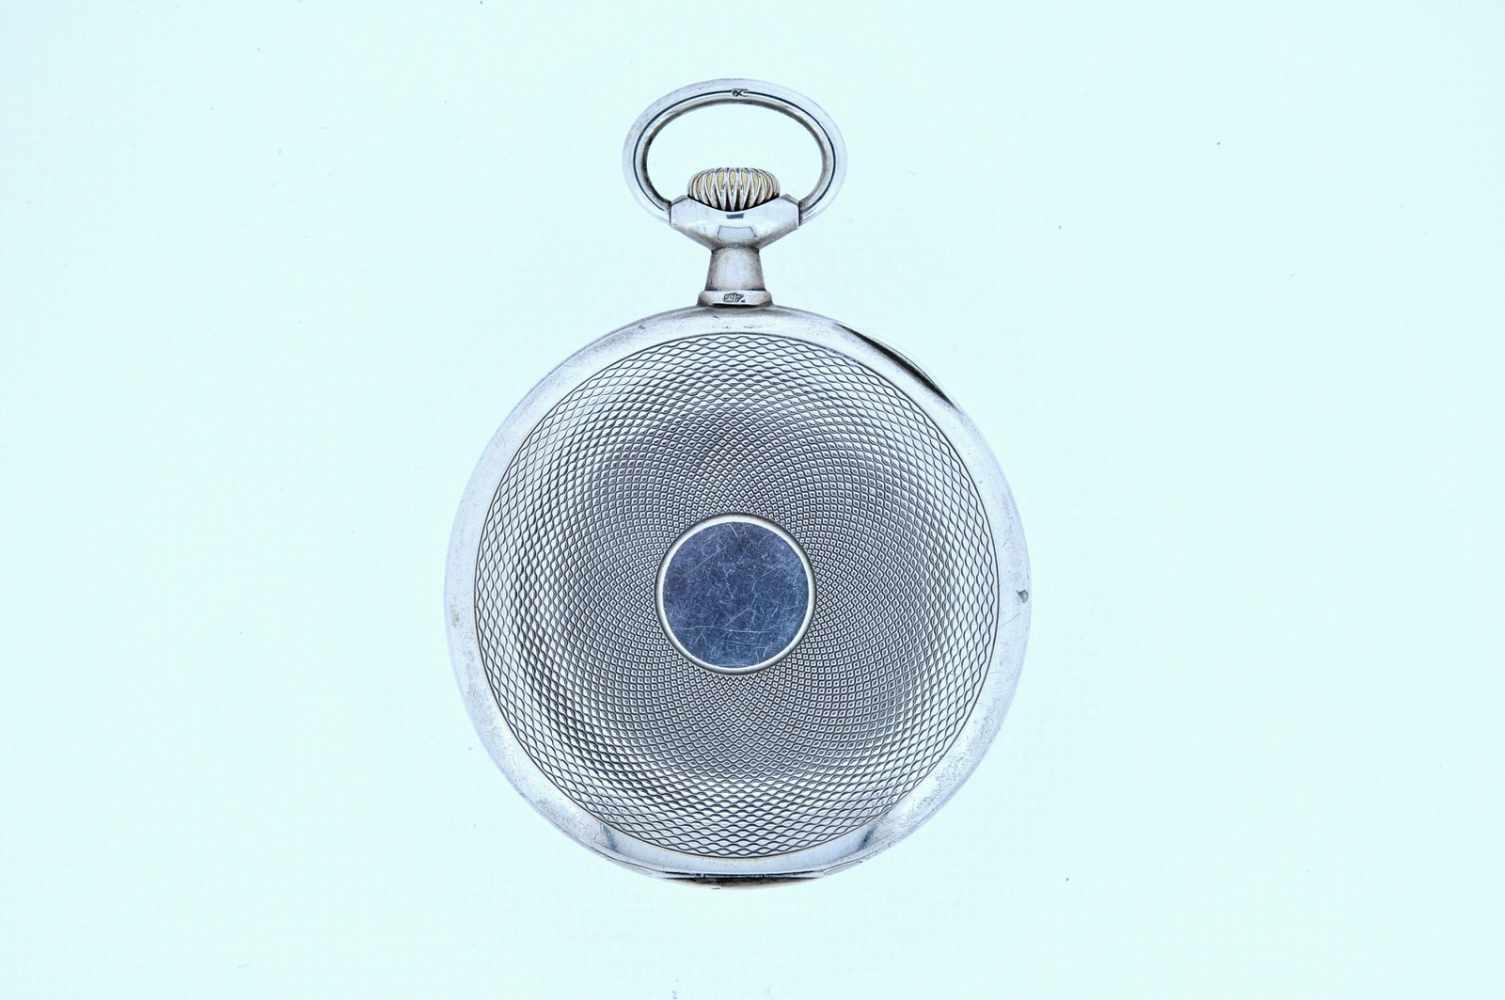 Silberne Taschenuhr Silberne Taschenuhr mit kleiner Sekunde, Omega, Breguetspirale, Ankerwerk, - Bild 3 aus 4